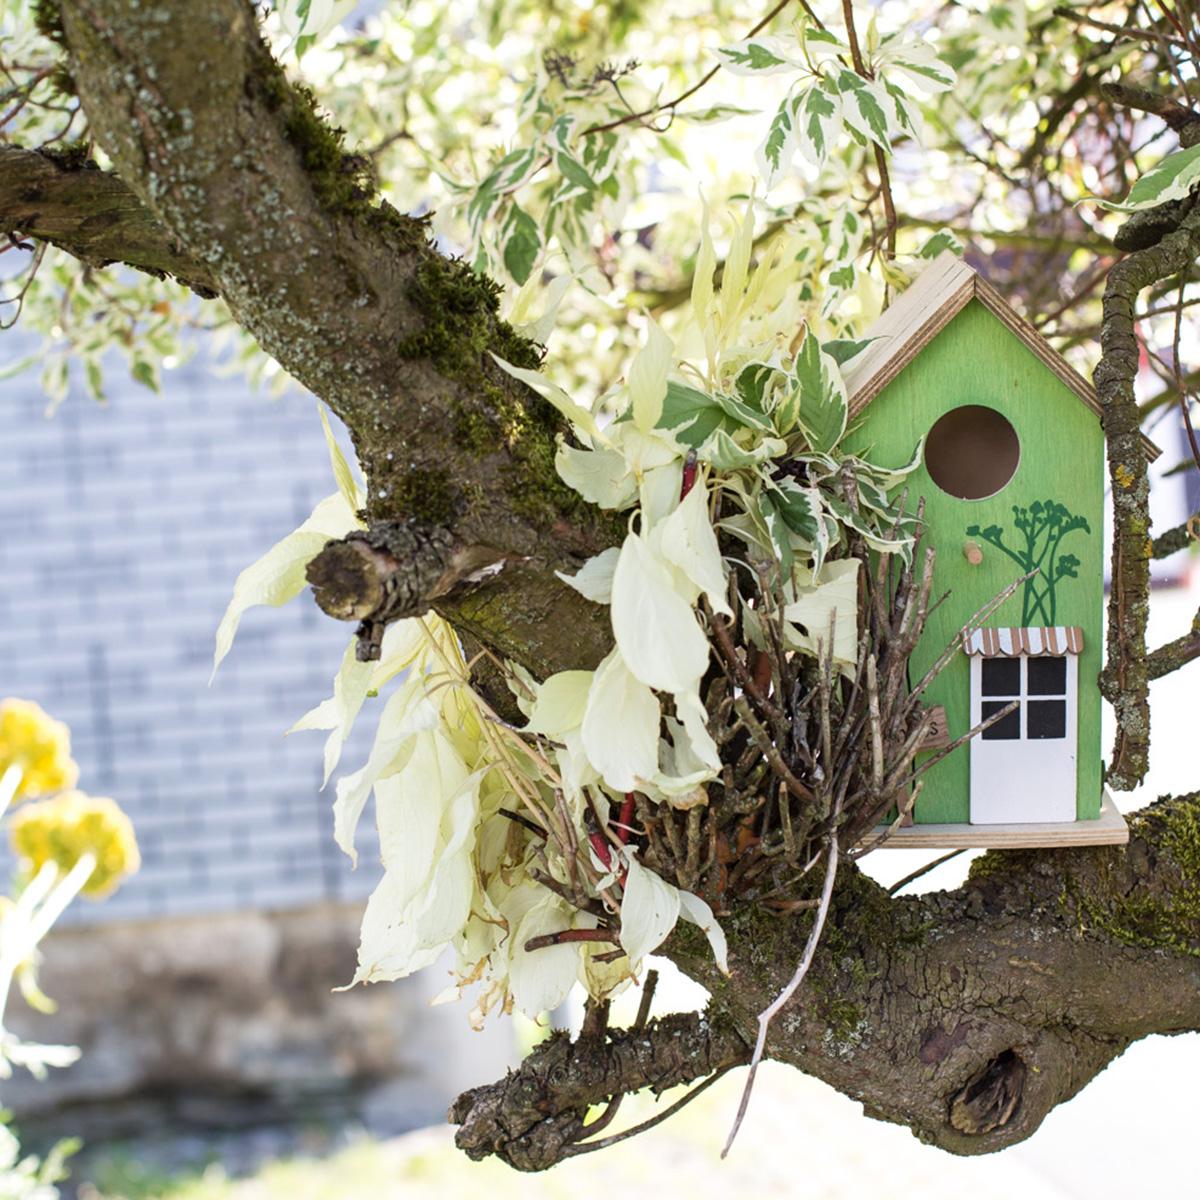 Ferienwohnungen Naturzeit Vogelhaus